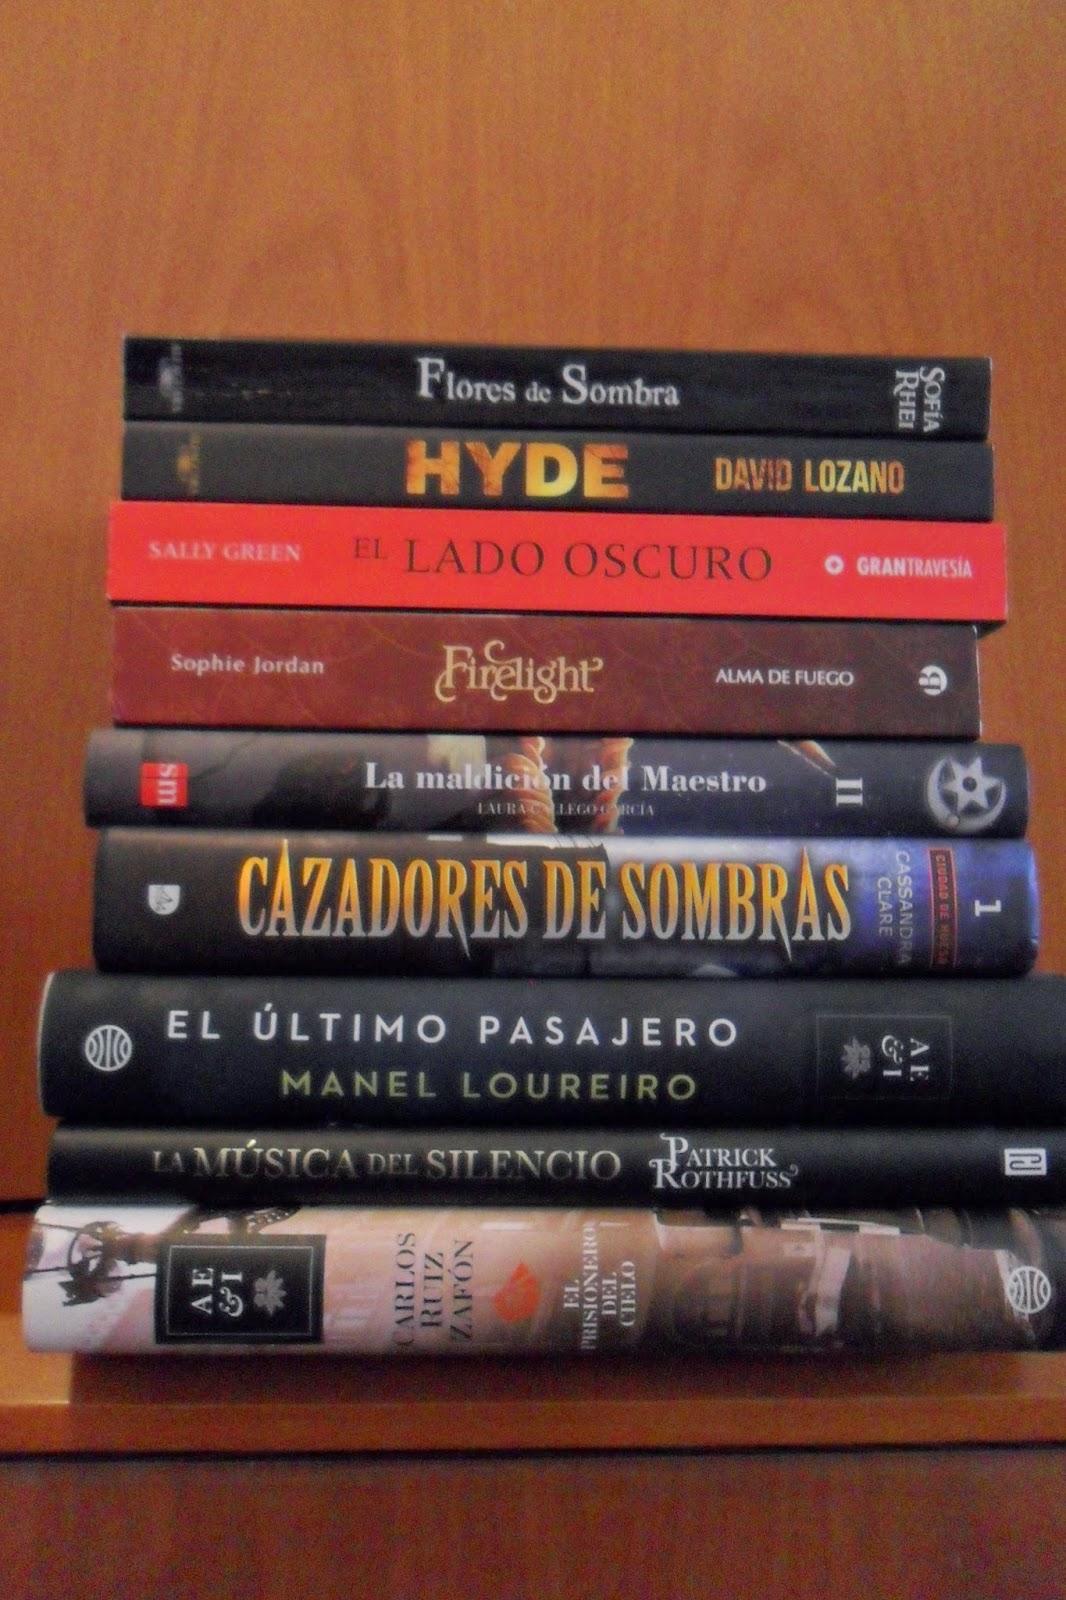 carlos ruiz zafon cuarto libro - 28 images - confesiones de una libr ...